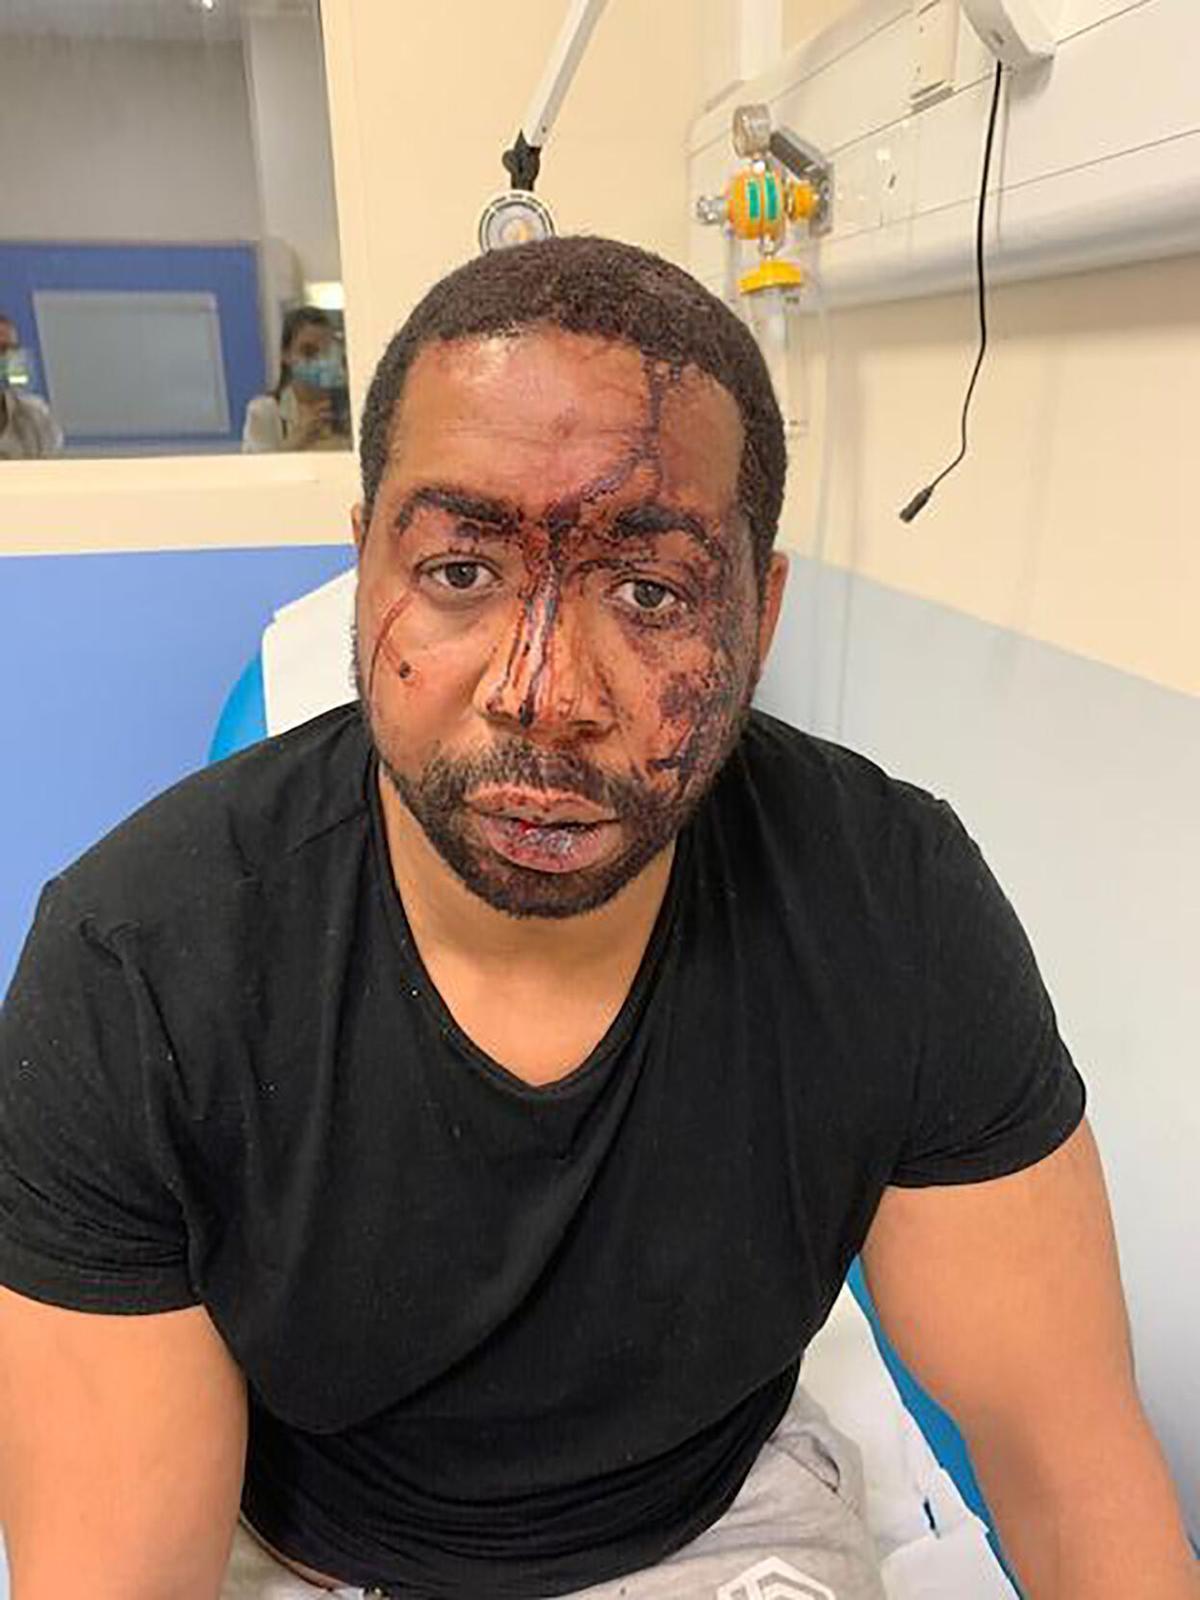 Francia: La brutal golpiza e insultos racistas que recibió un hombre negro en manos de la policía